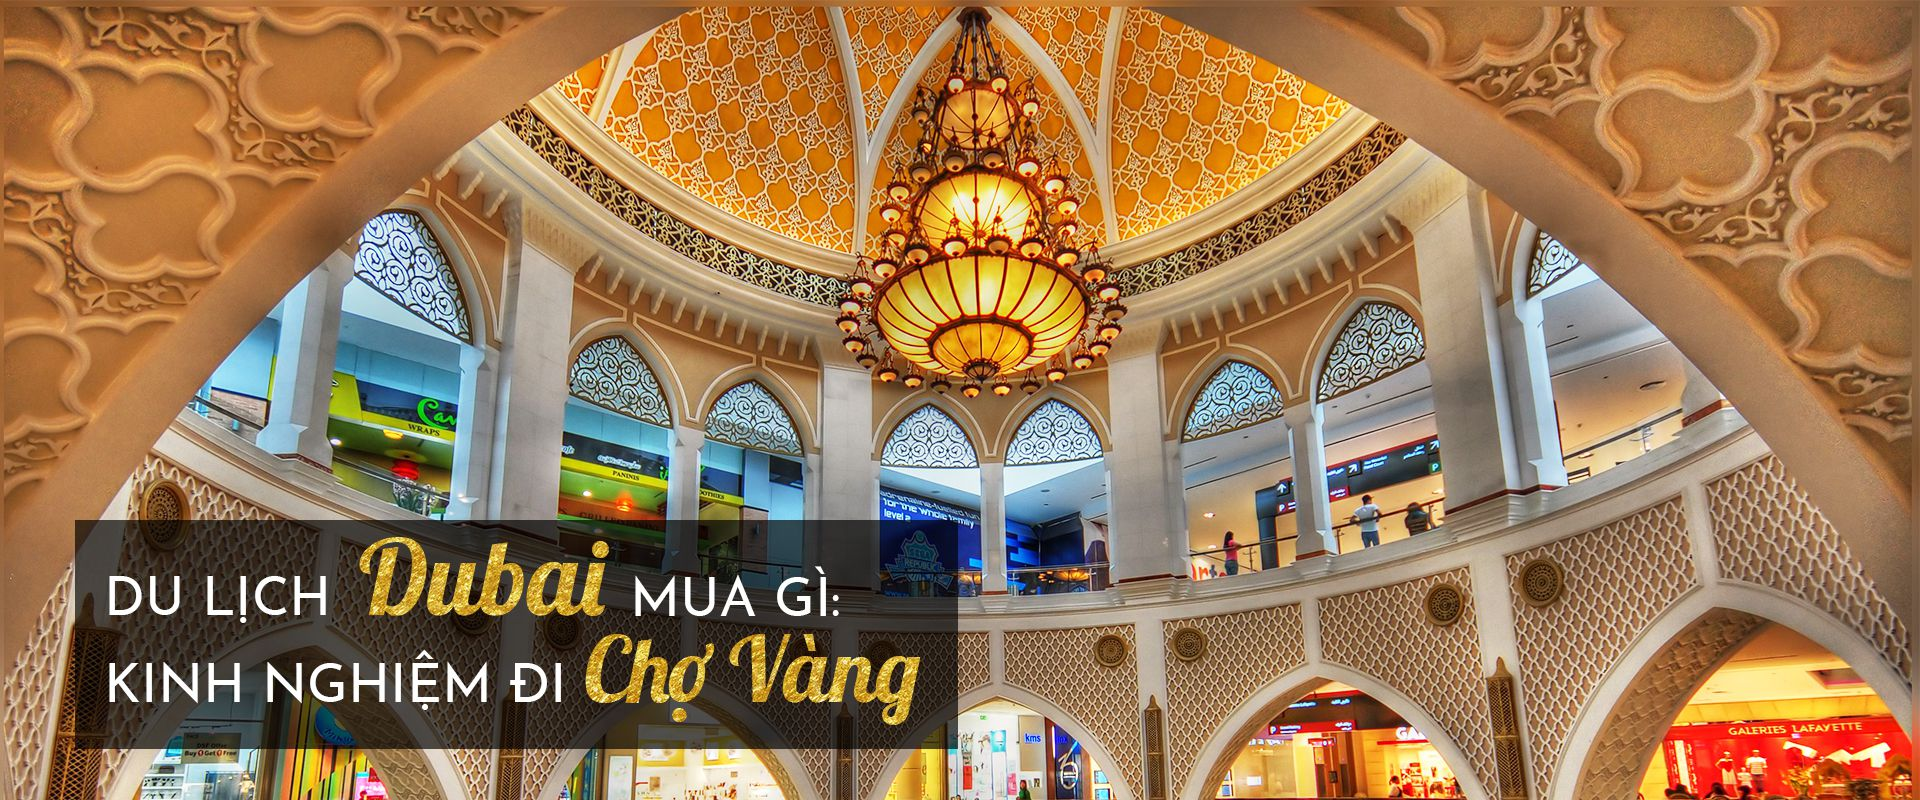 Du lịch Dubai mua gì: kinh nghiệm đi chợ vàng